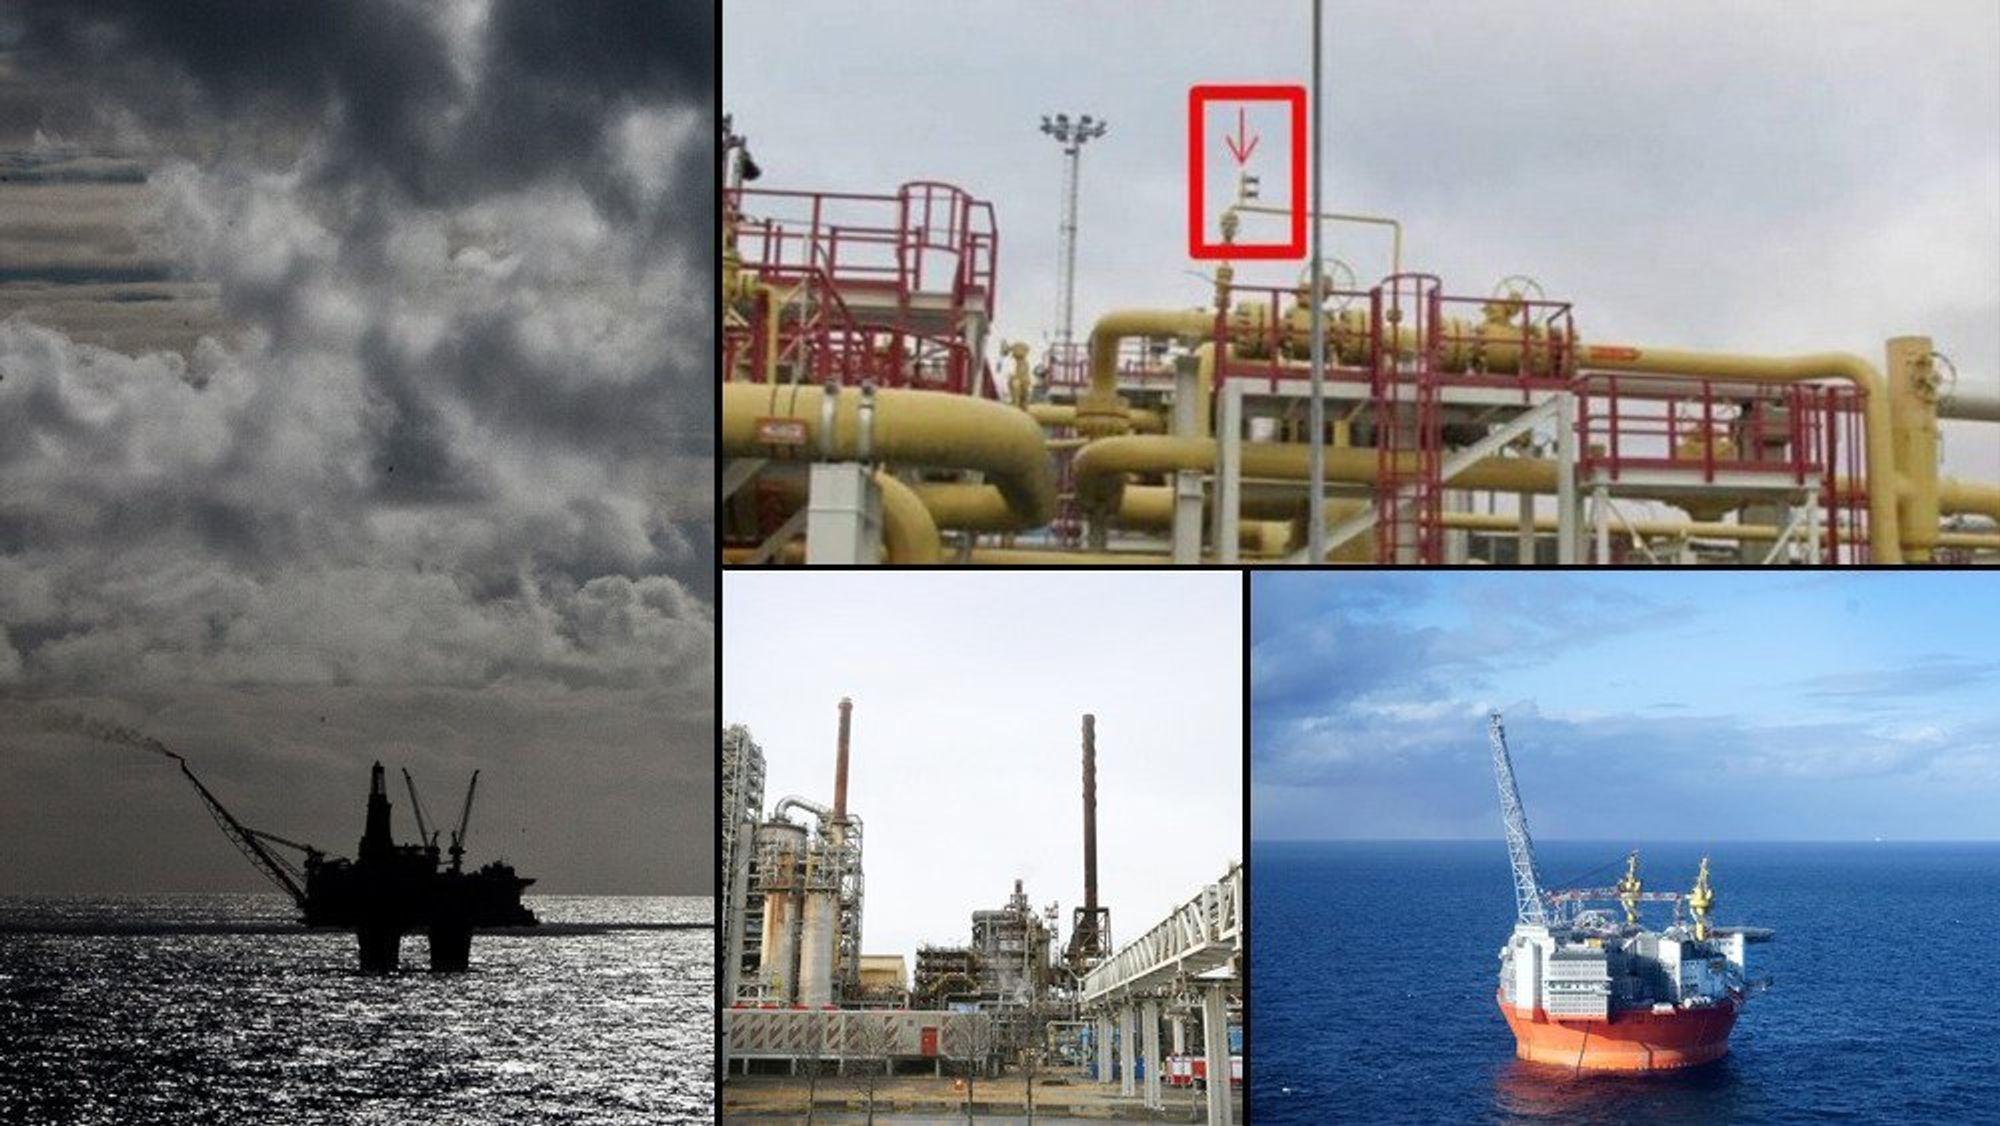 Mange alvorlige hendelser på norsk sokkel de siste årene, har ført til en stortingsmelding om HMS i petroleumsbransjen. Tekna vil at Petroleumstilsynet skal bli tydeligere og følge opp hendelser mer – i tillegg til at de tar i bruk mer av uanmeldte tilsyn.